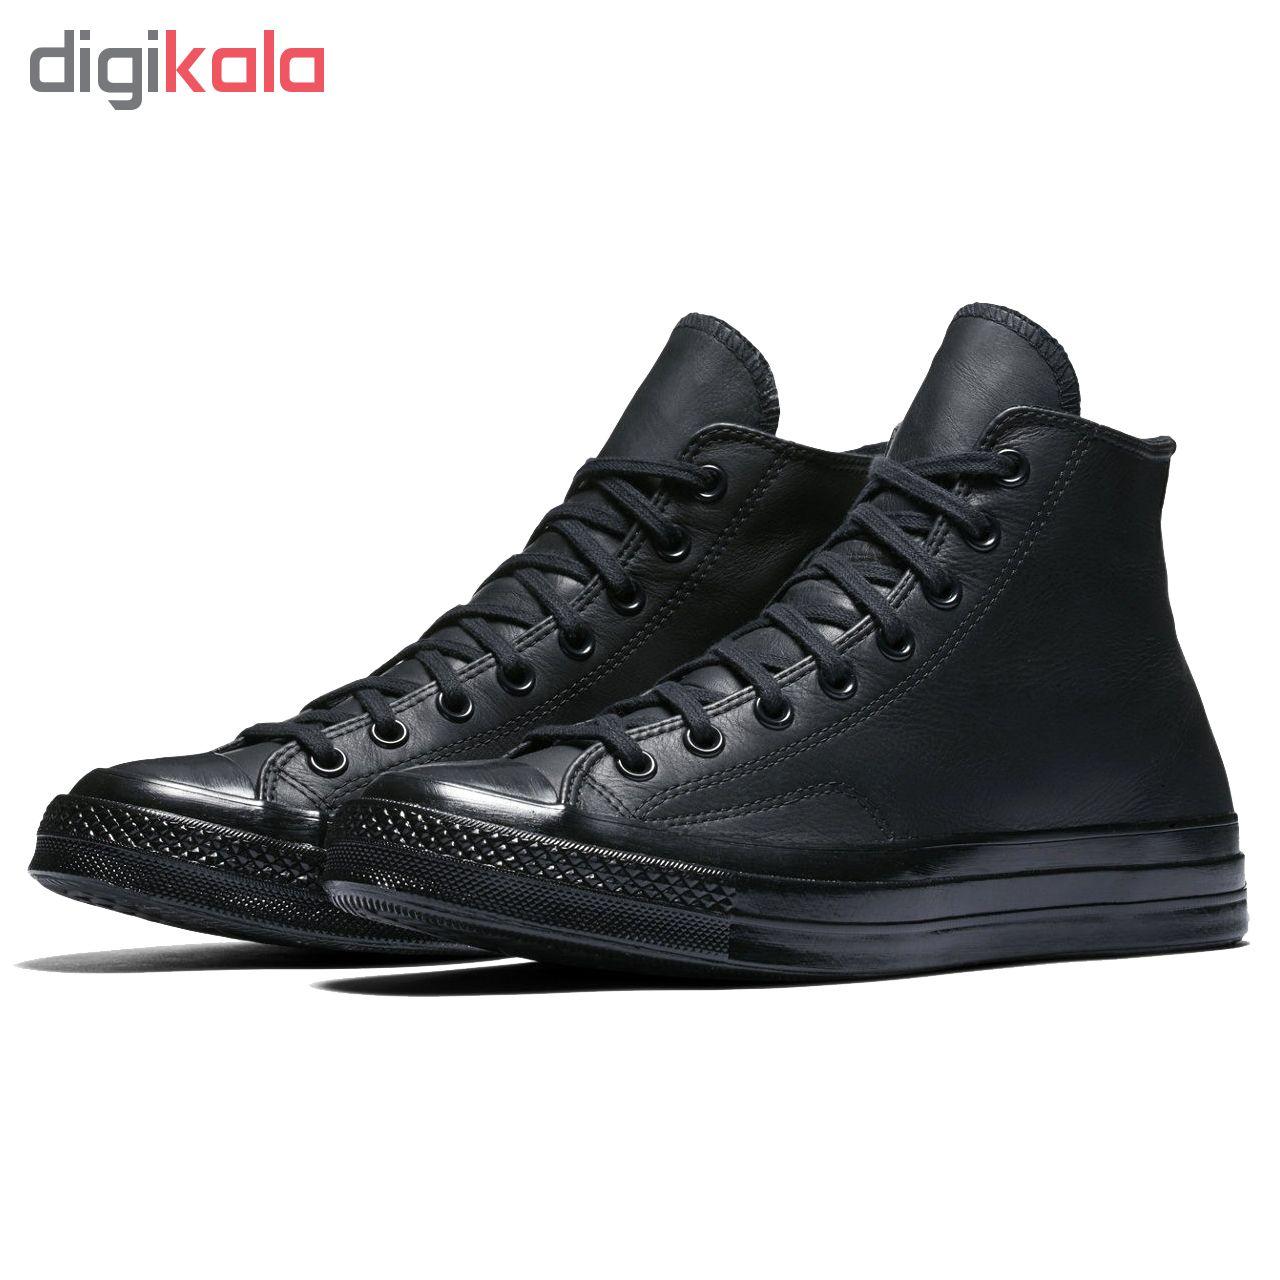 کفش ورزشی کانورس مدل 155454c-001